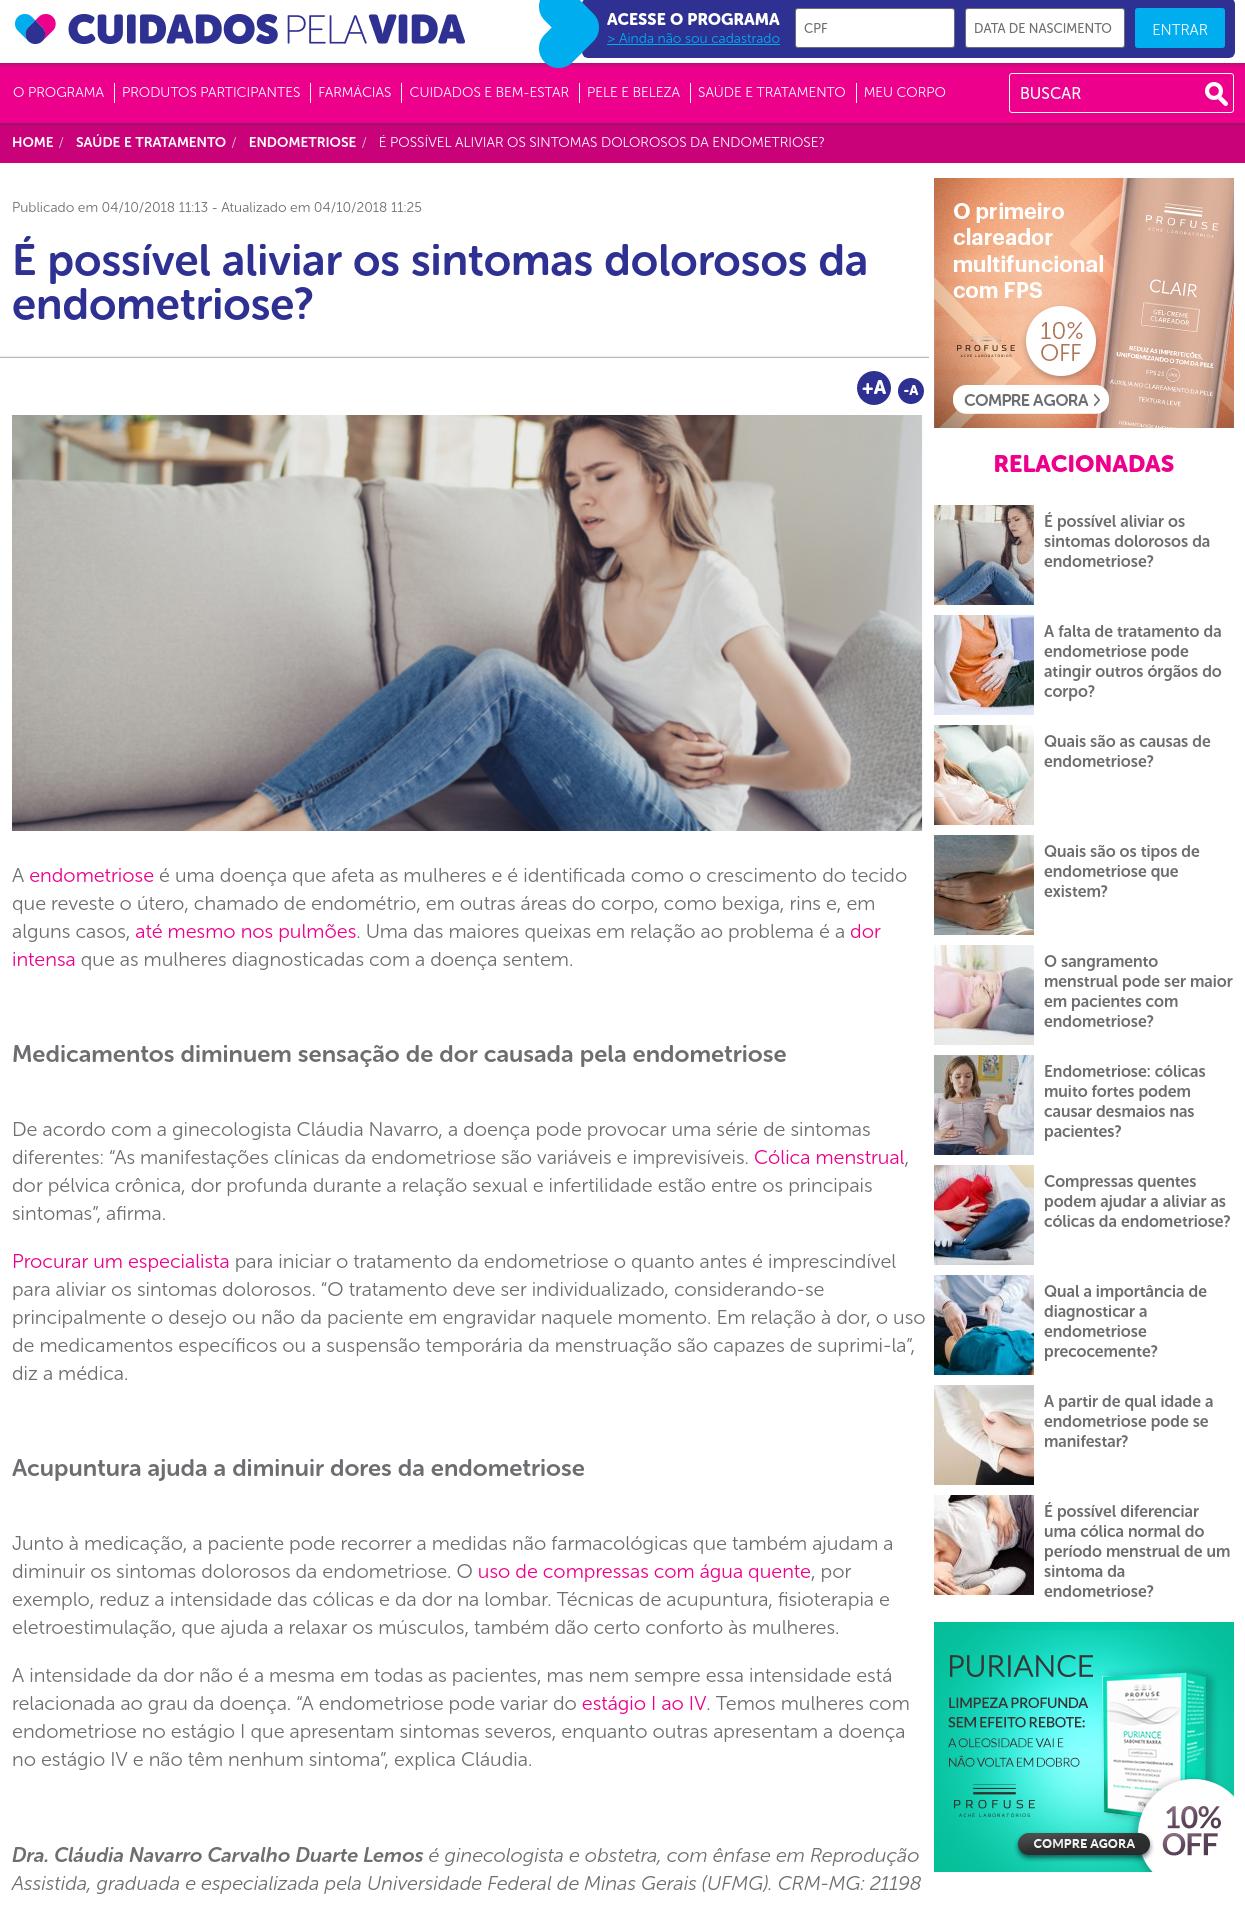 Cuidados Pela Vida (site) – É possível aliviar os sintomas dolorosos da endometriose?